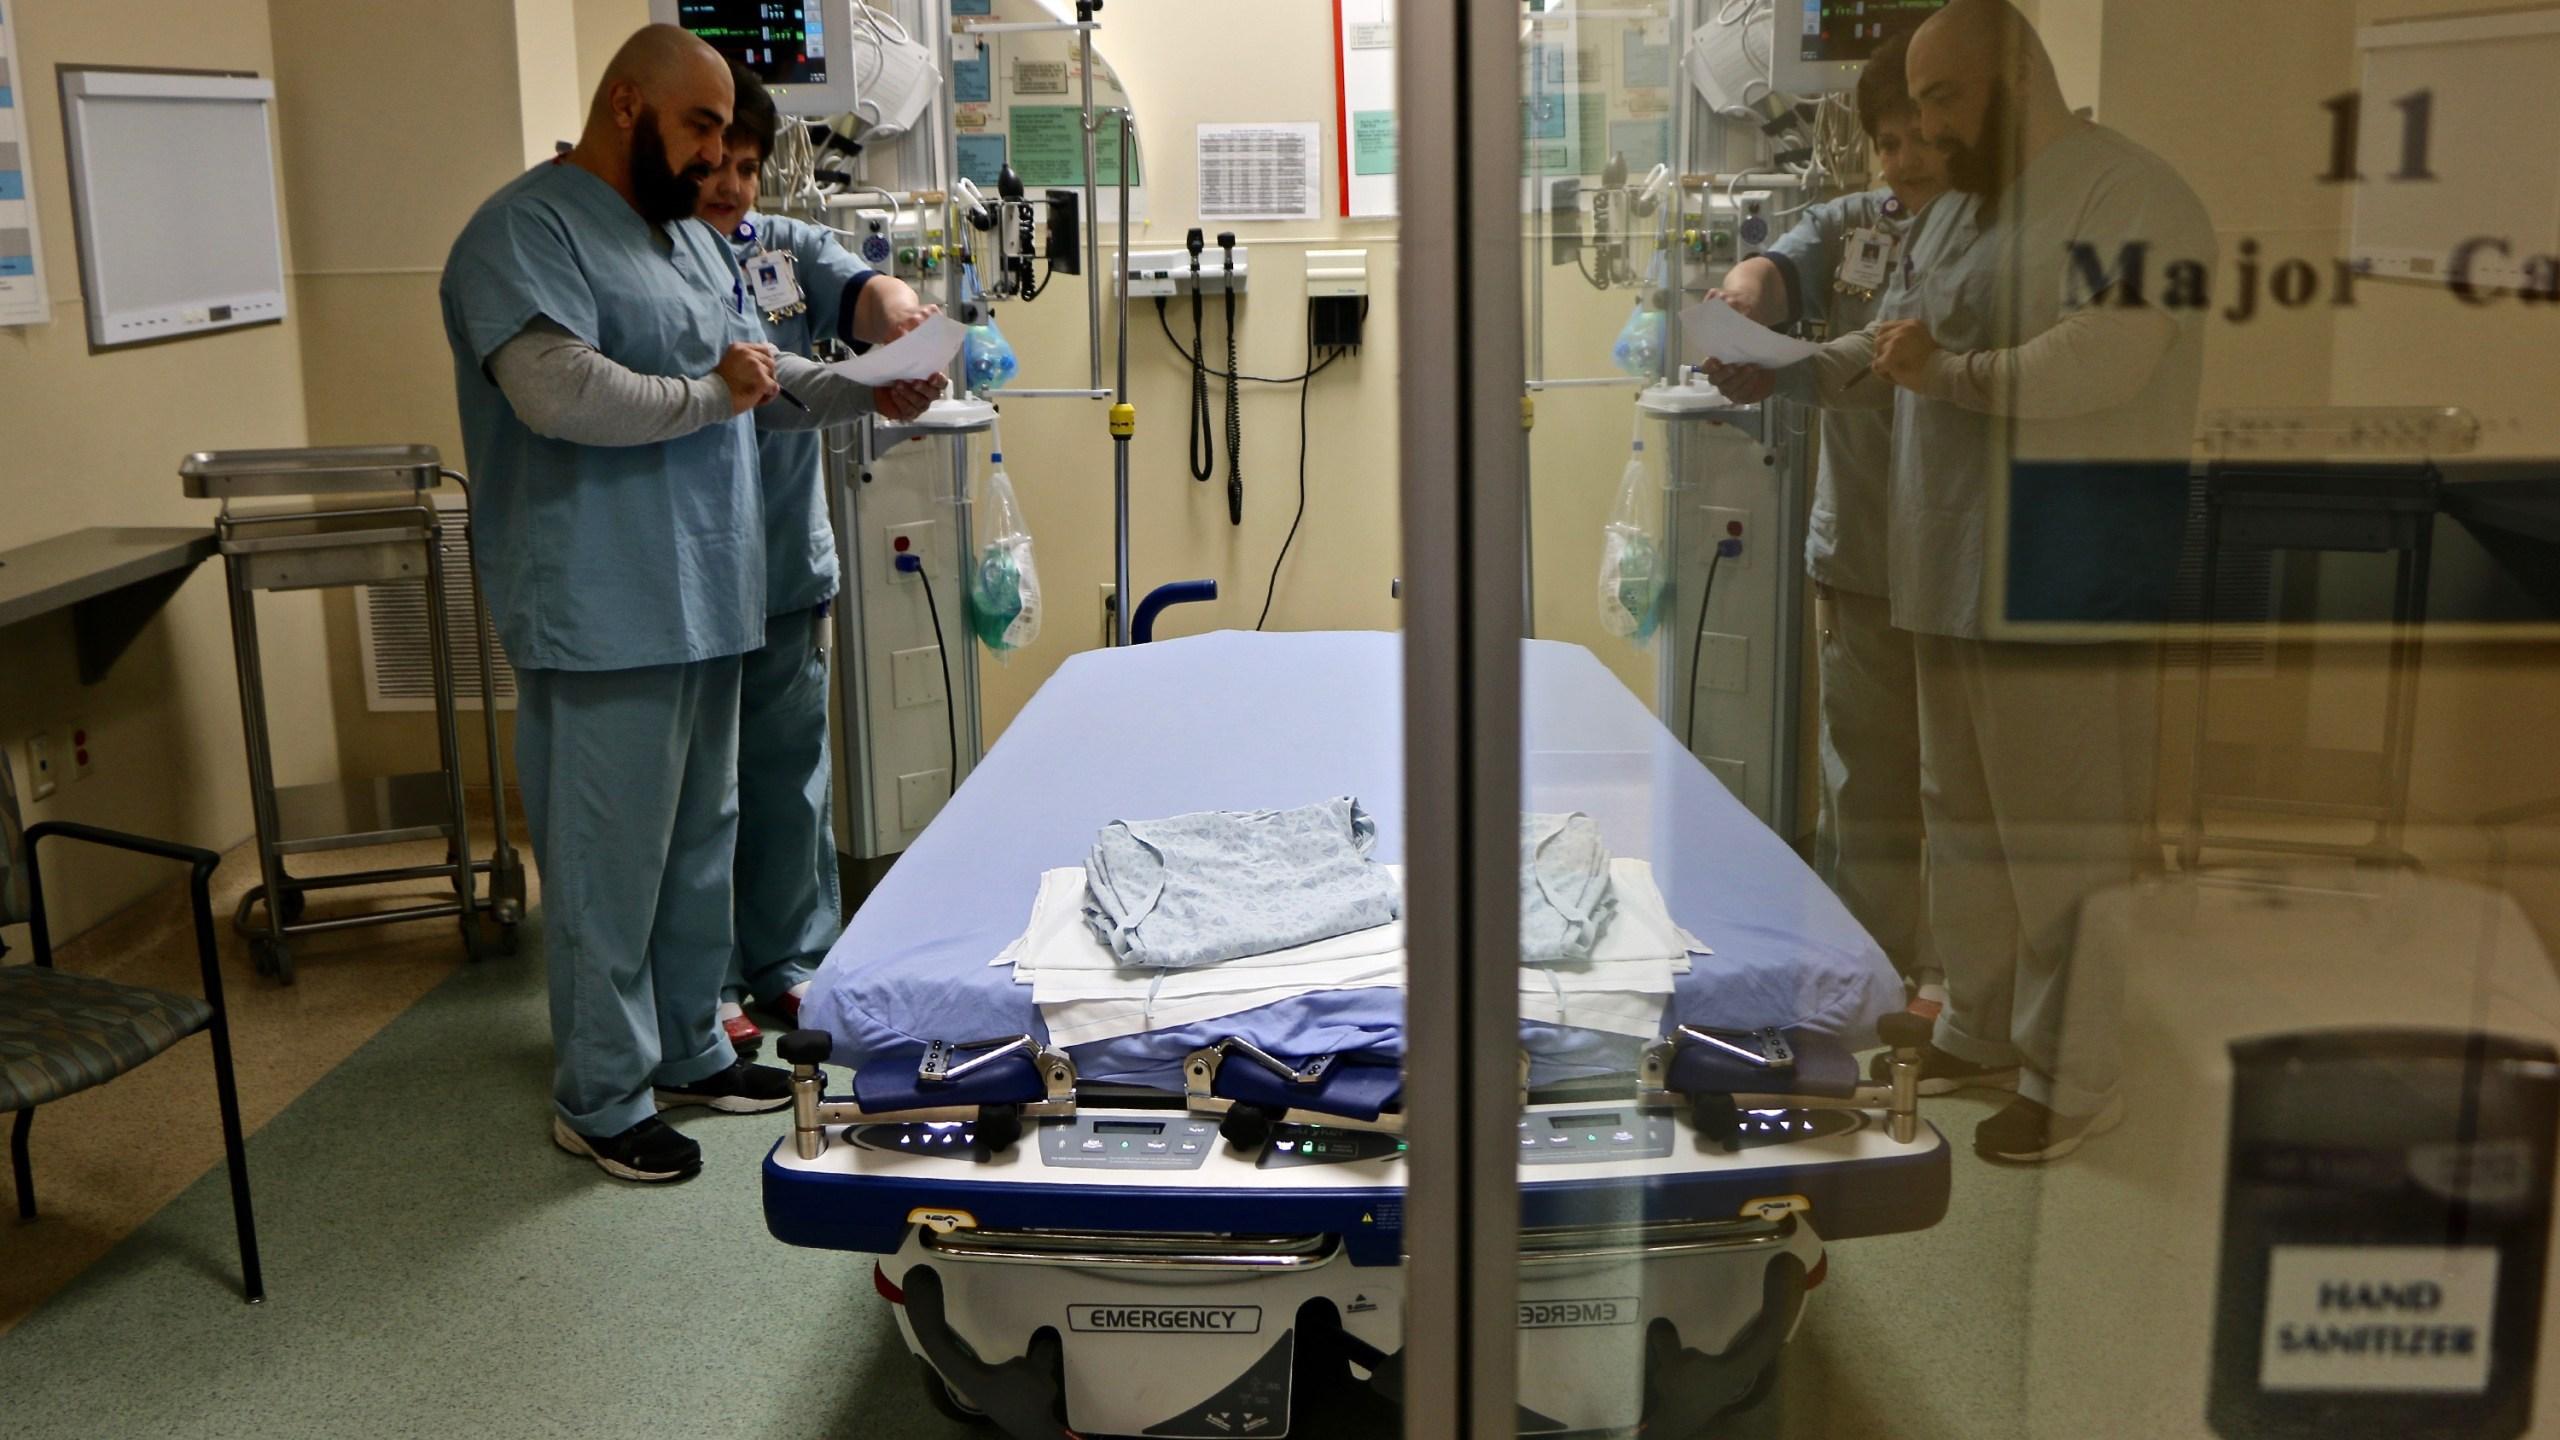 Flu_Season_Worsens_76890-159532.jpg49253639